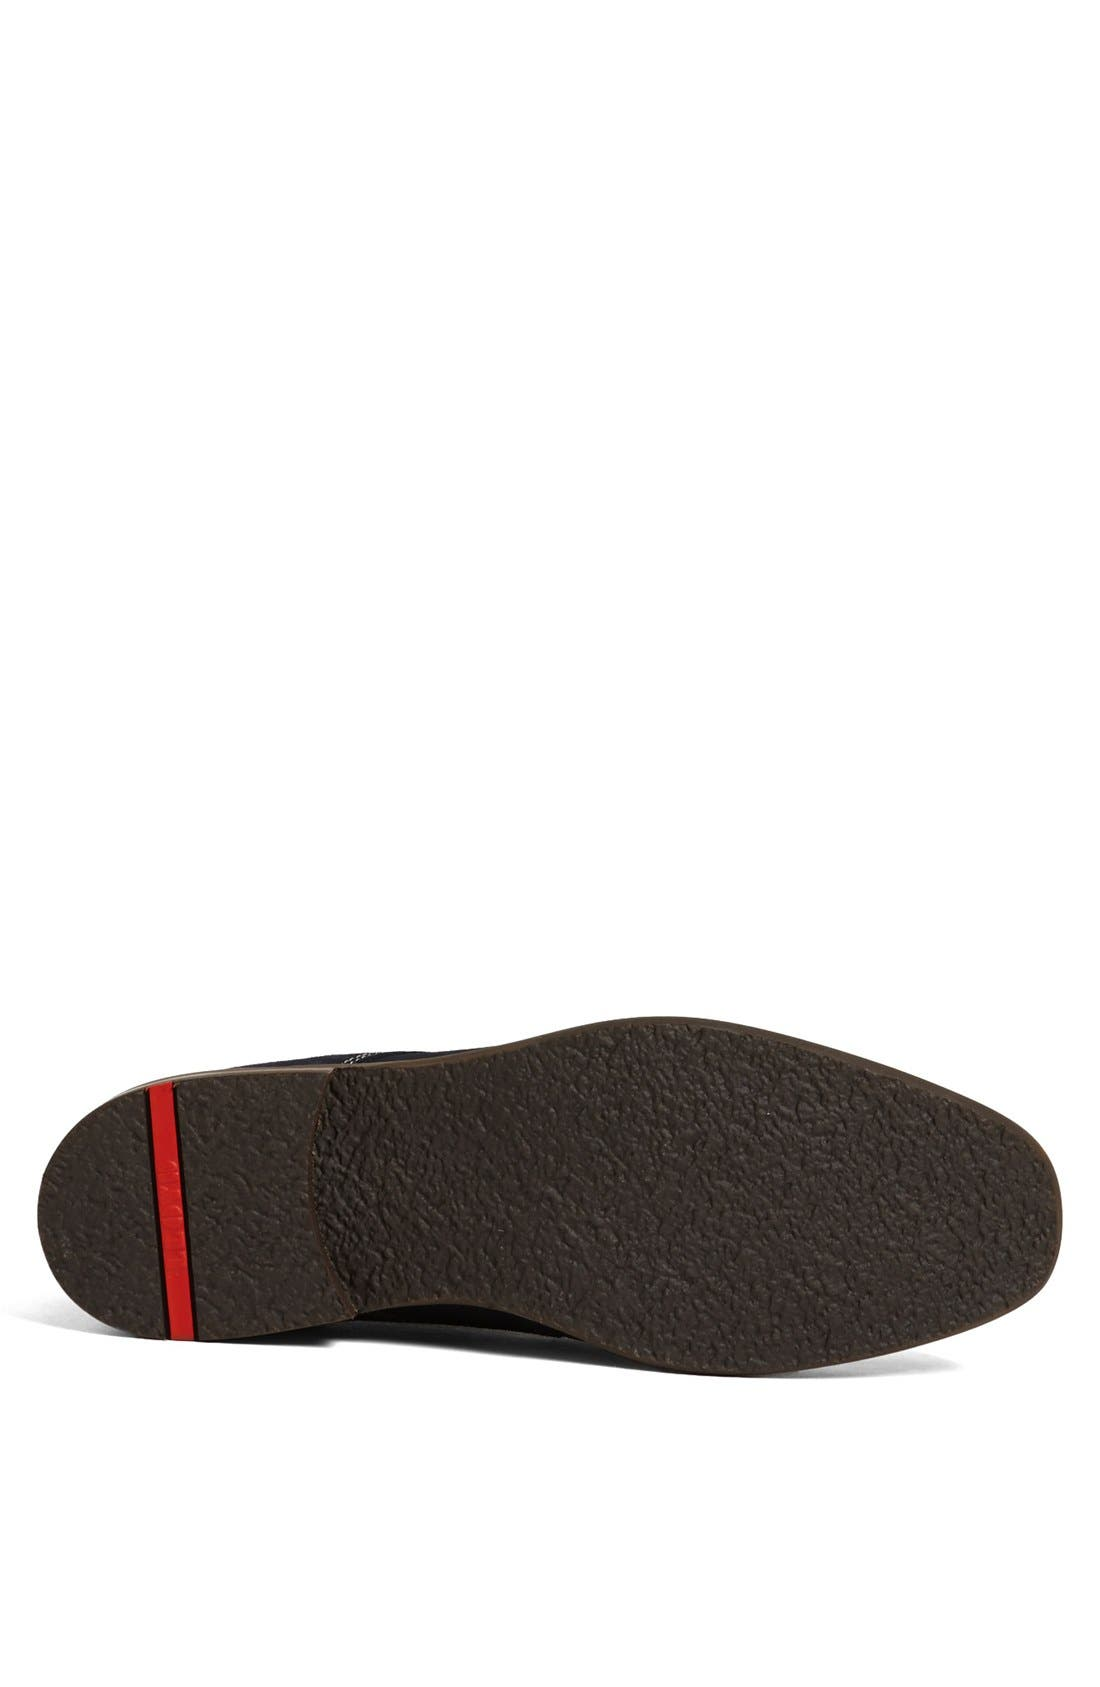 Alternate Image 4  - Lloyd 'Hel' Buck Shoe